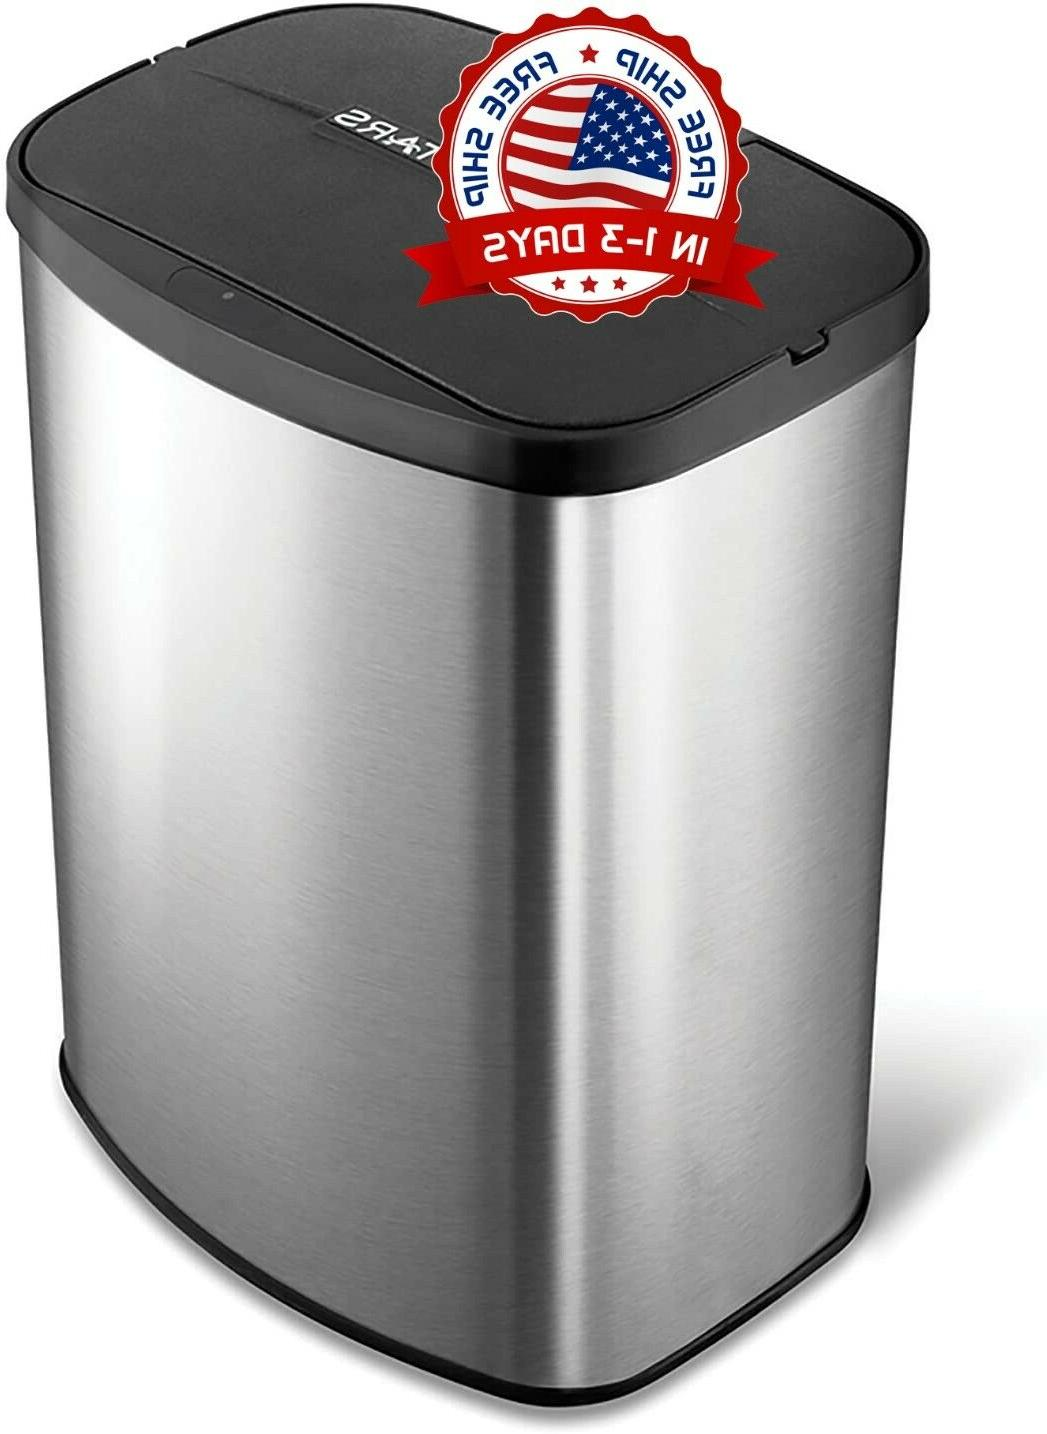 motion sensor stainless steel trashcan touchless basura